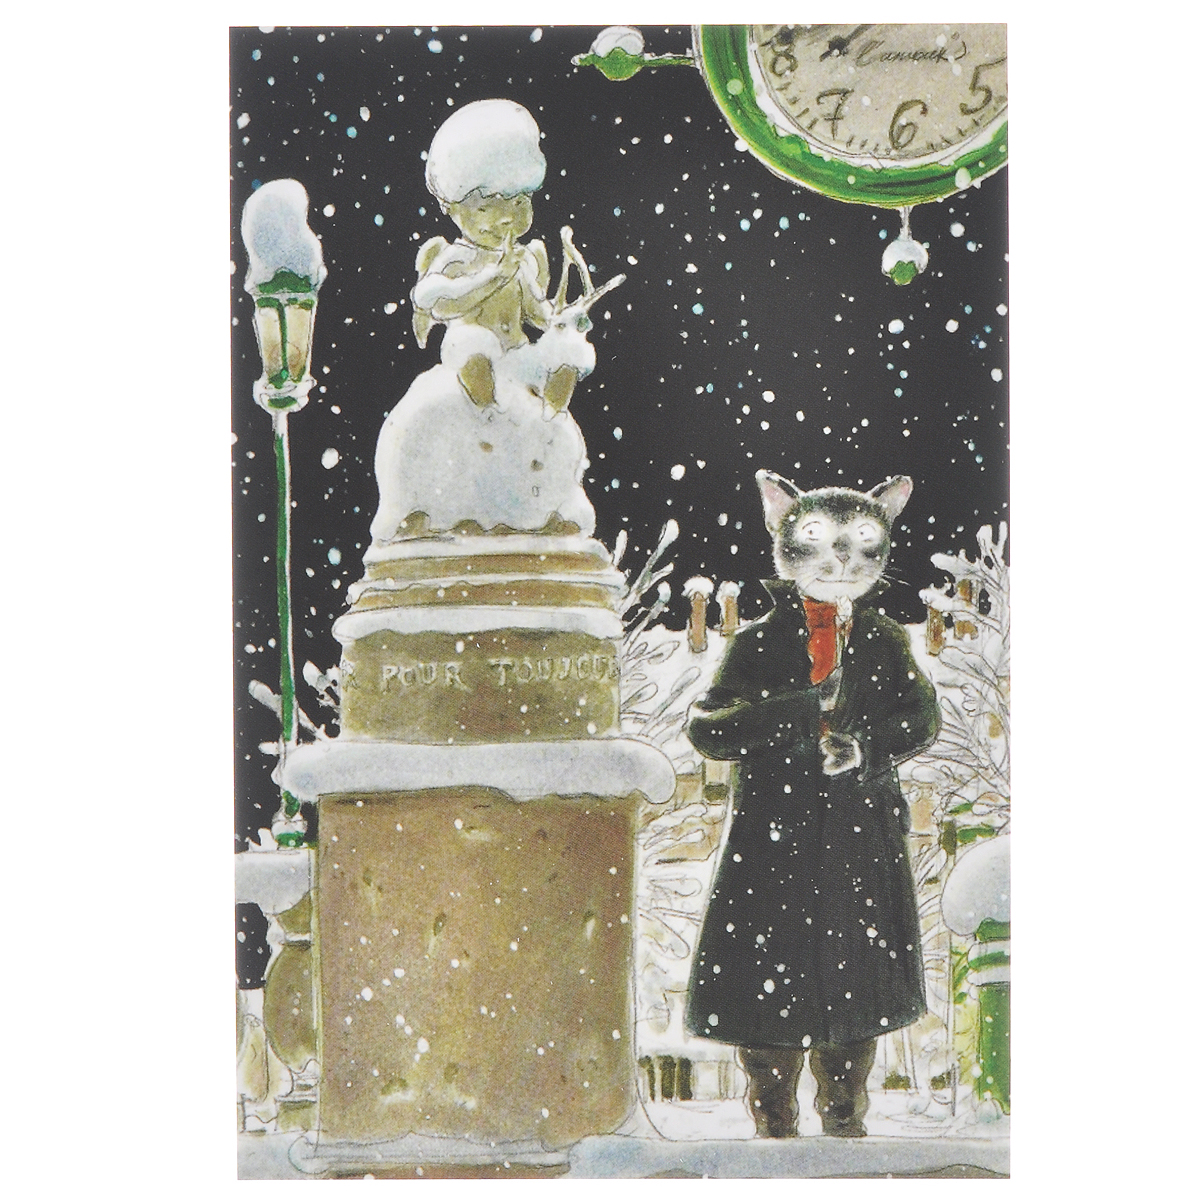 """Открытка """"И еще пять минут"""". Из набора """"Парижский Кот-художник"""". Автор: Андрей Аринушкин"""